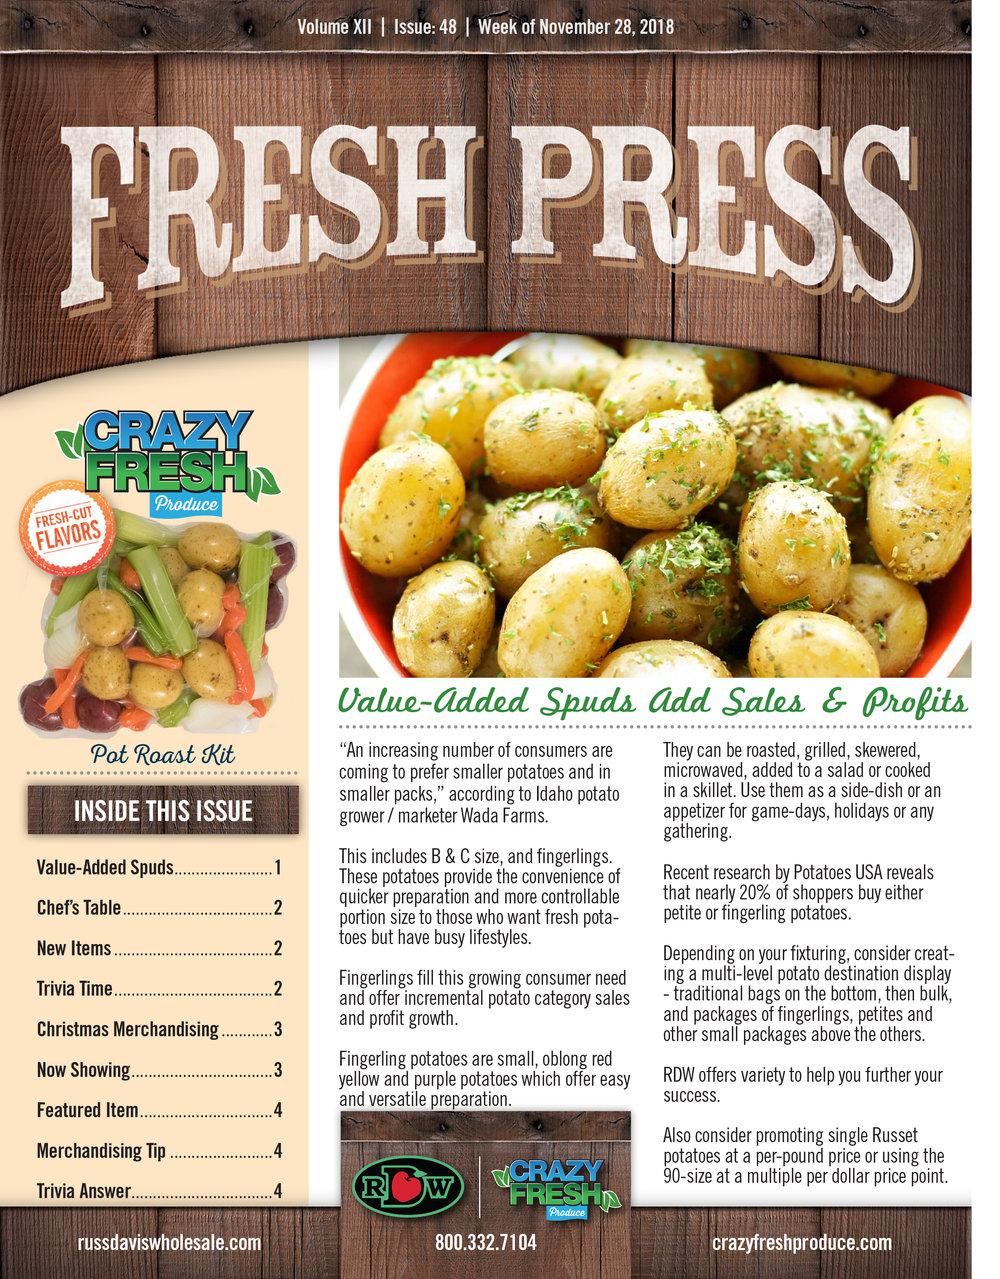 RDW_Fresh_Press_Nov28_2018-1.jpg